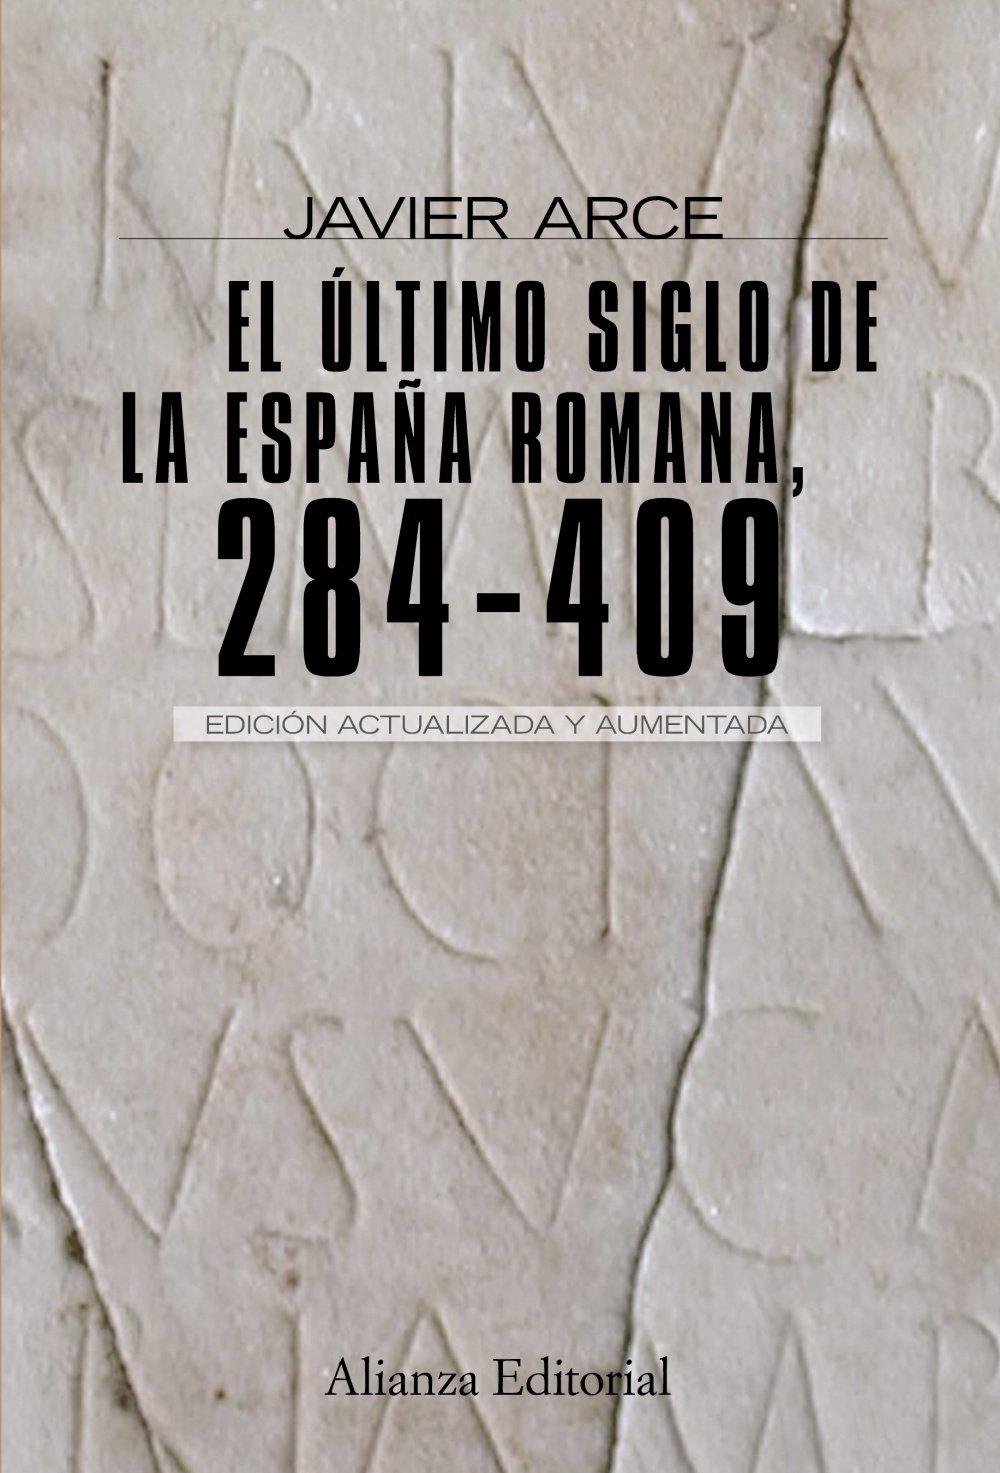 El último siglo de la España romana 284-409 : Segunda edición revisada y aumentada Alianza Ensayo: Amazon.es: Arce, Javier: Libros